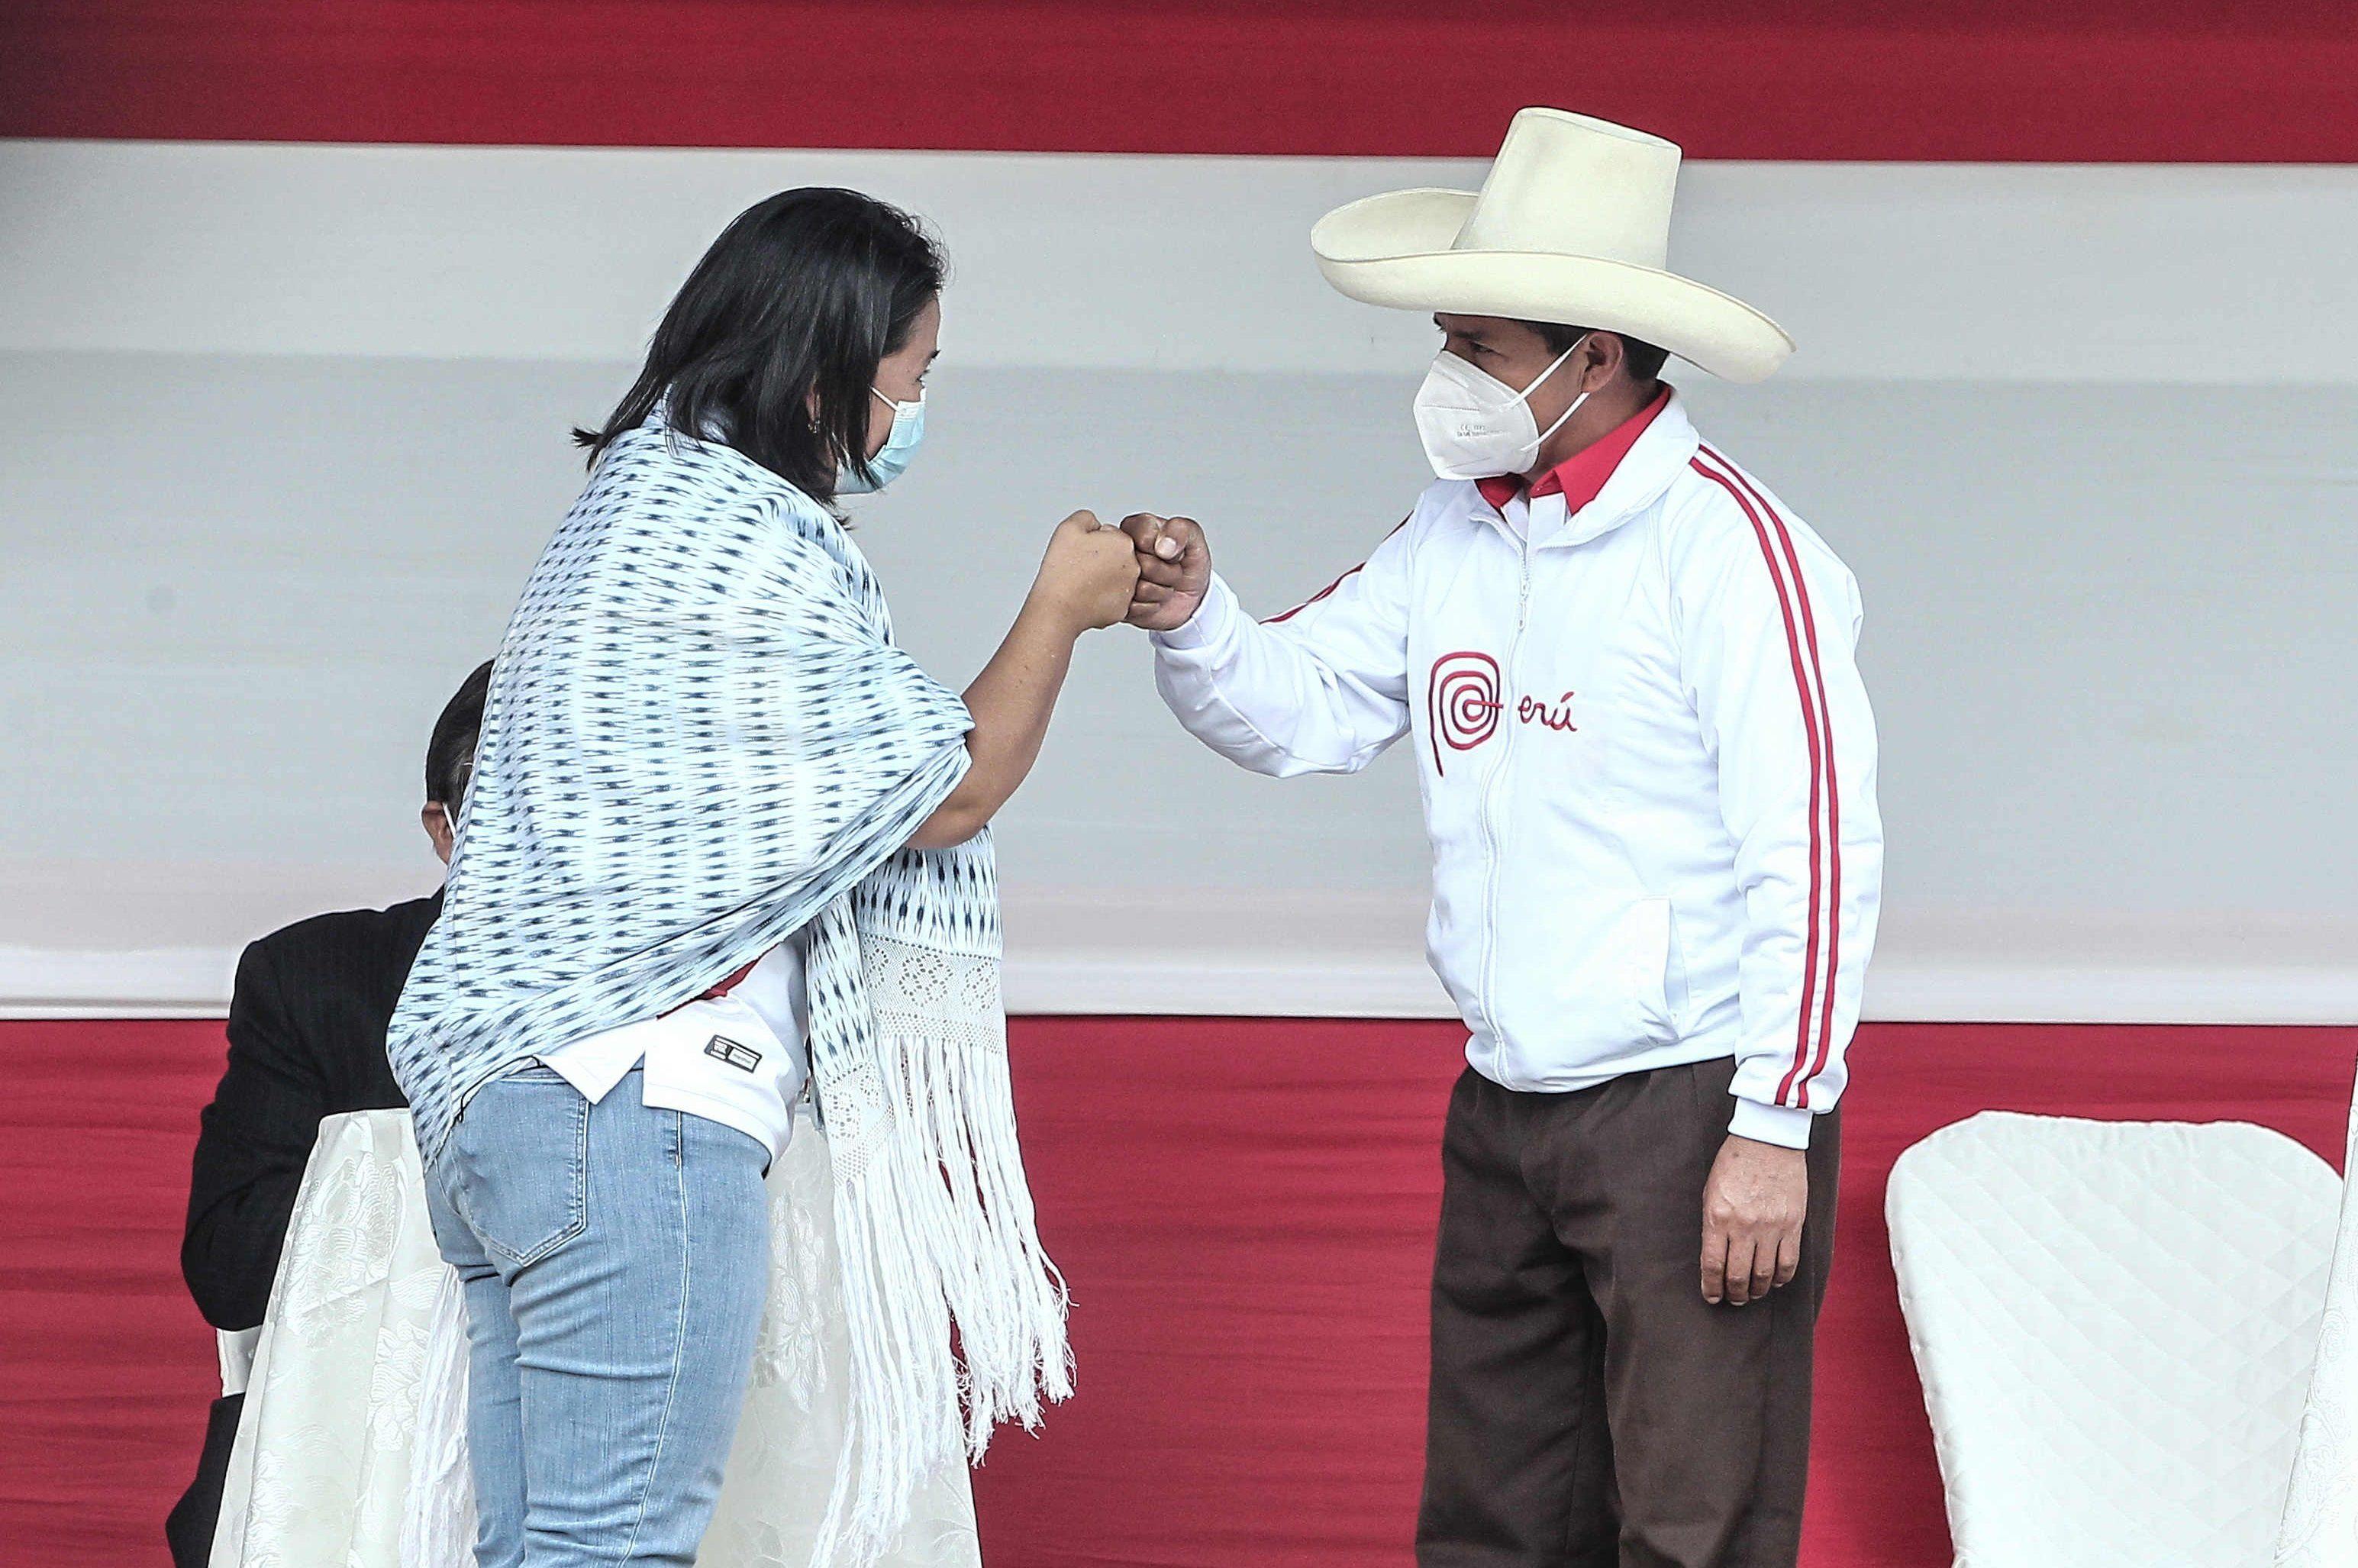 Los candidatos a la presidencia de Perú Keiko Fujimori y Pedro Castillo se saludan en un debate en la provincia norteña de Chota (Foto: EFE/Aldair Mejía)